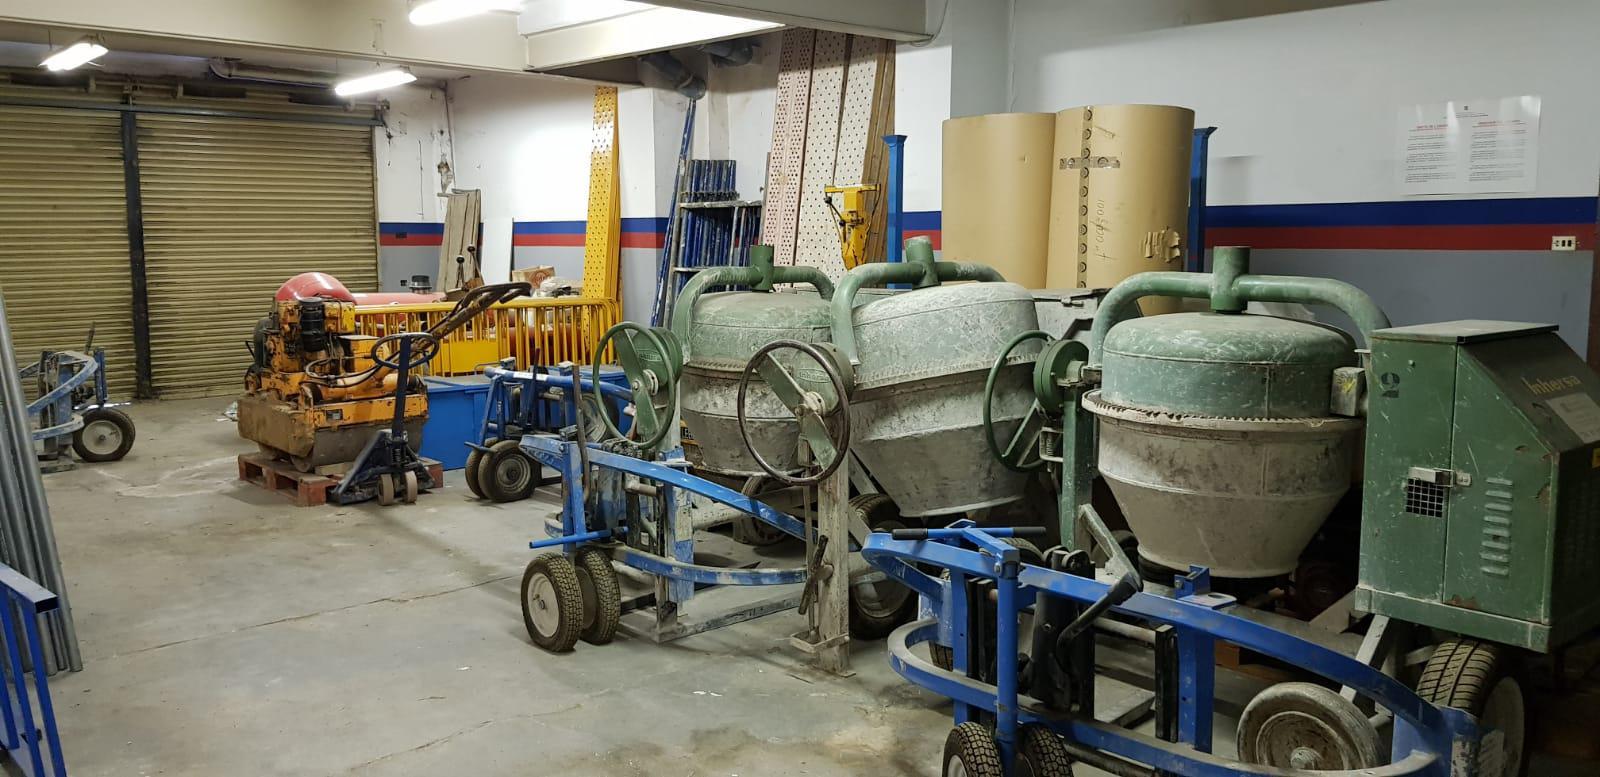 Imagen 1 Local Comercial en venta en Granollers / Zona Lledoner, cerca de otros comercios y zonas verdes